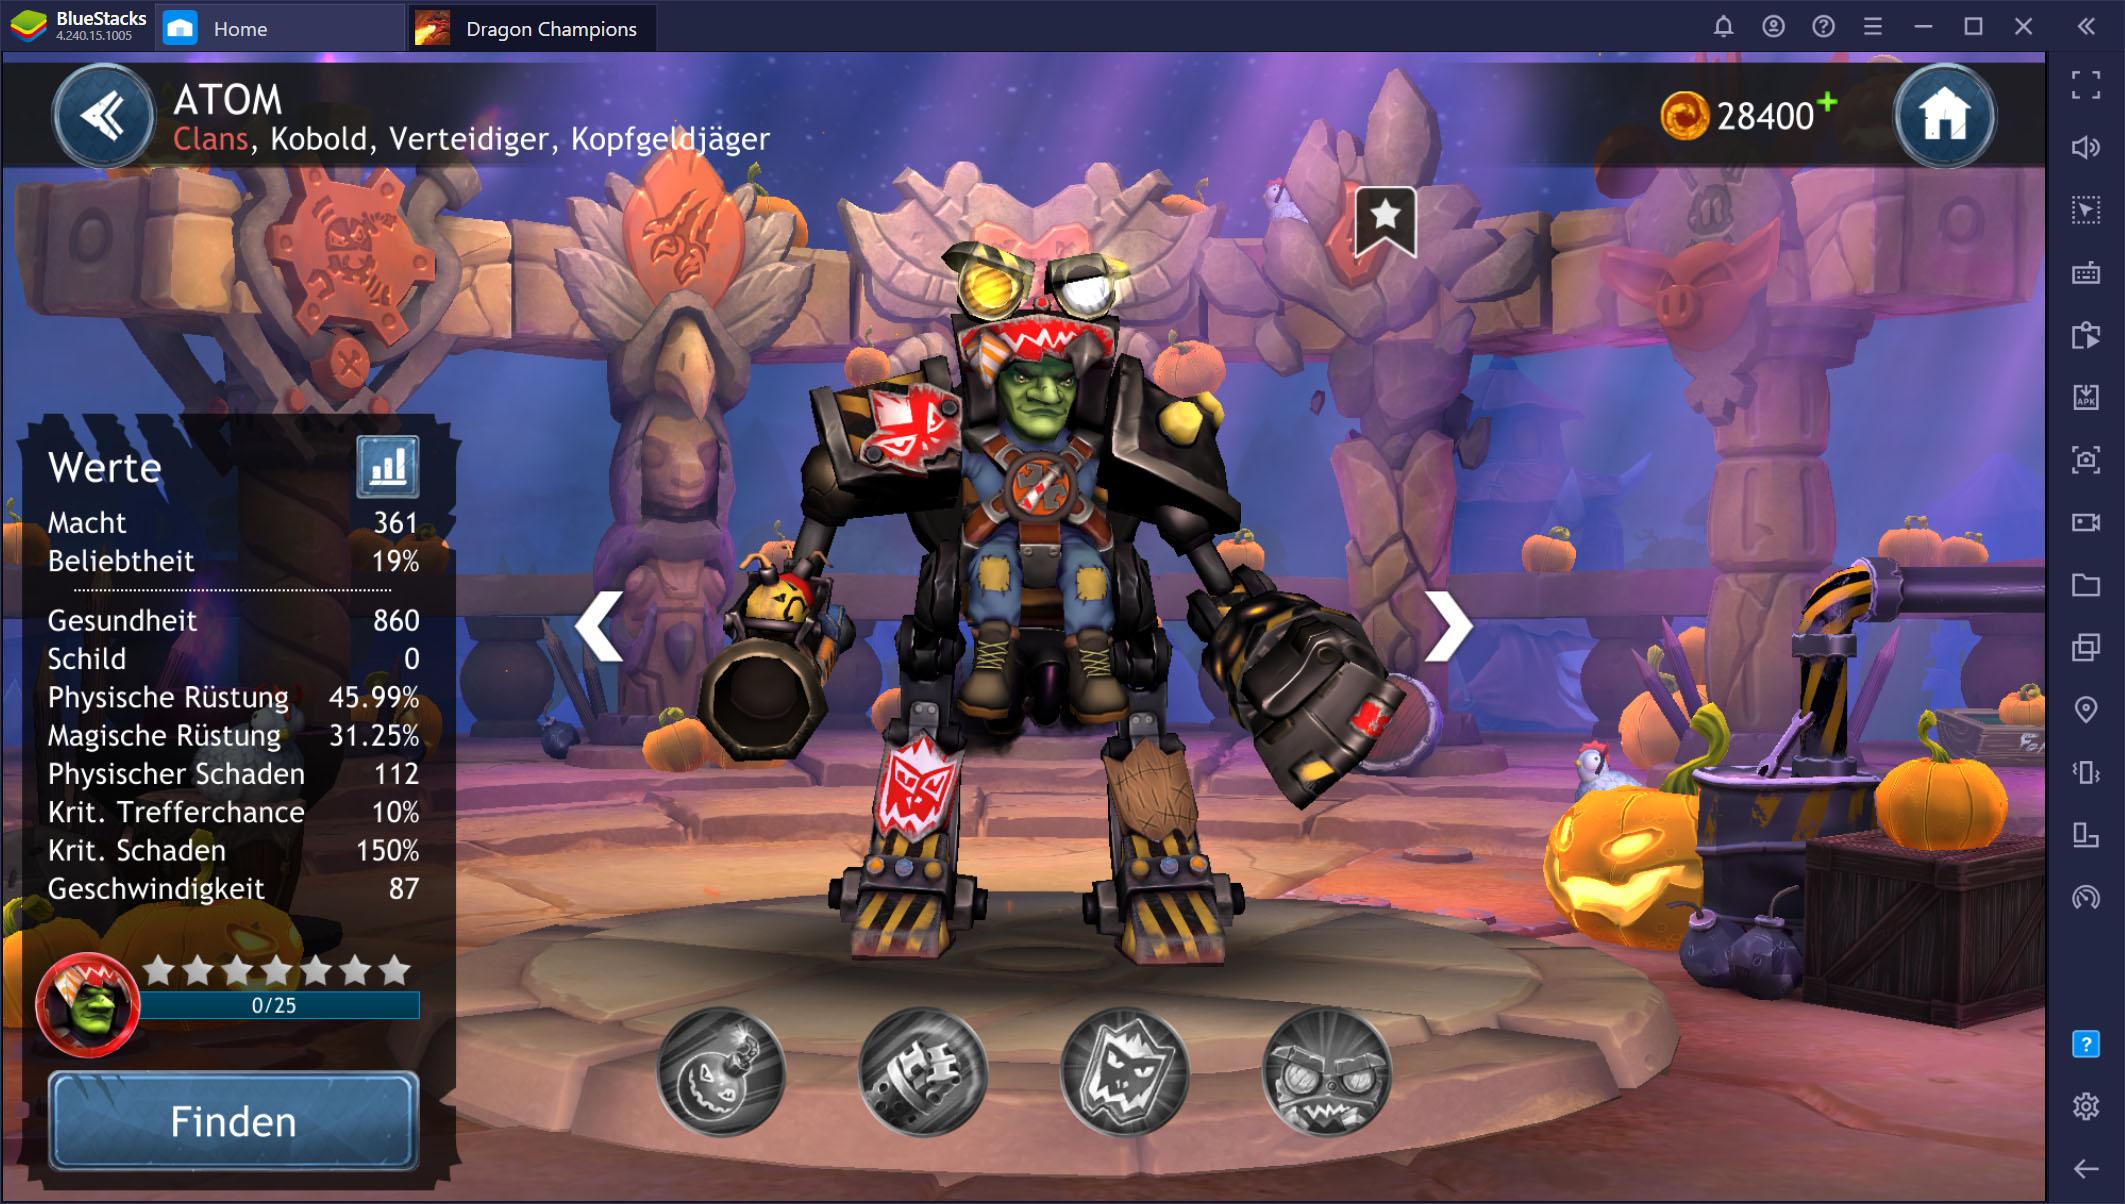 Dragon Champions auf dem PC – So erhältst und verbesserst du deine Helden